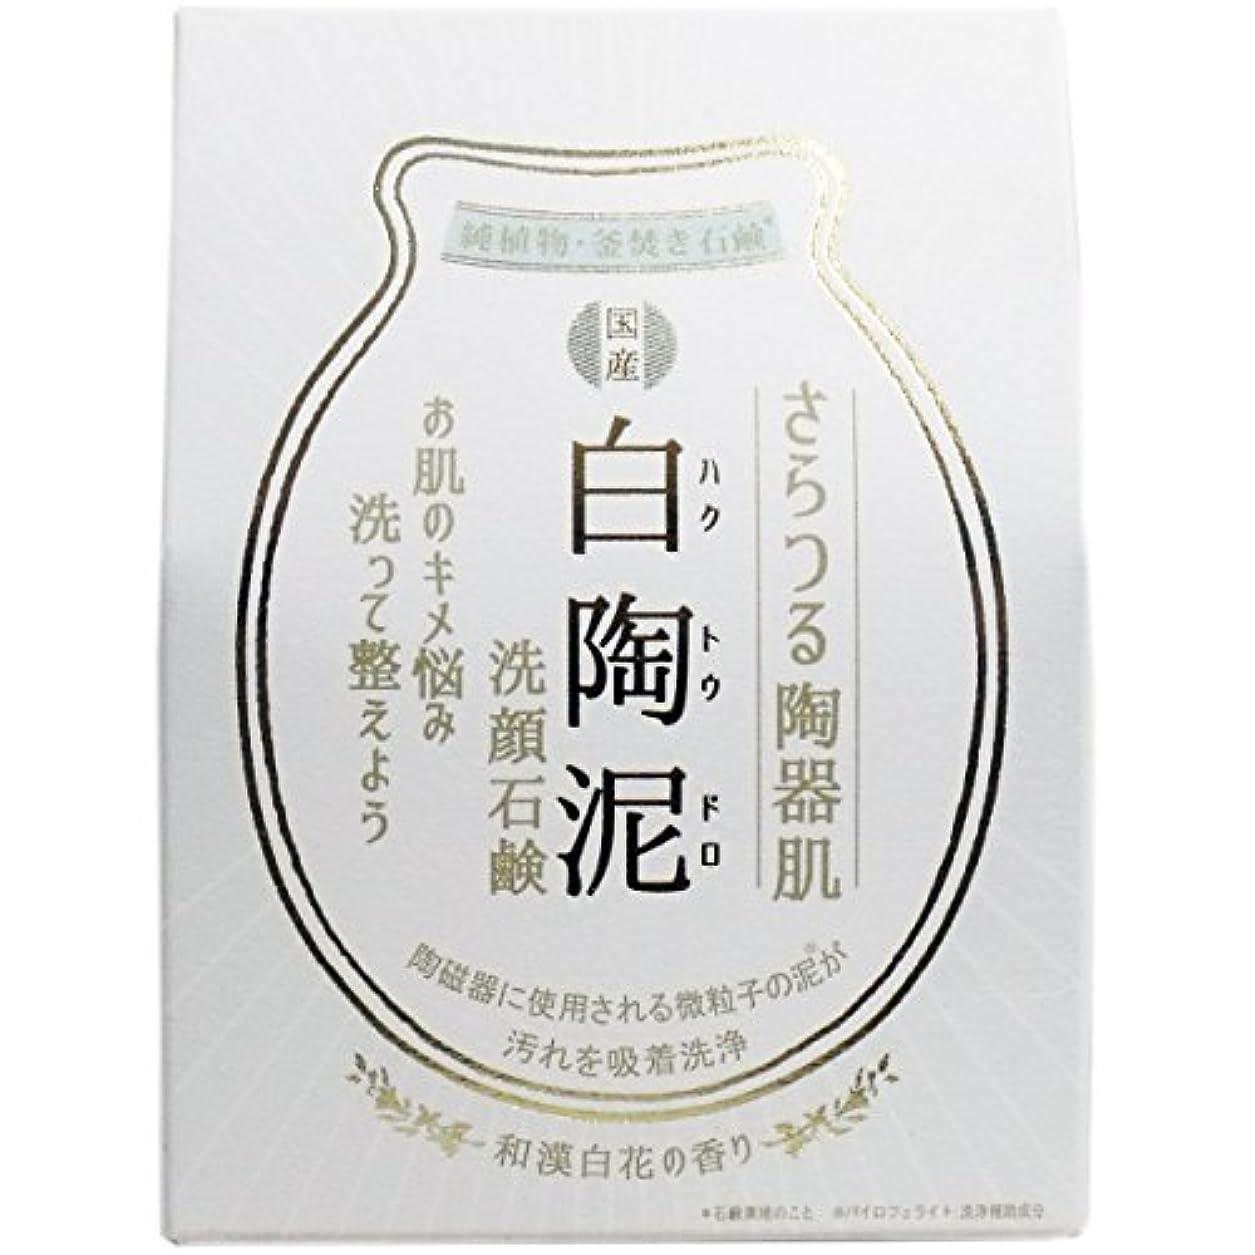 乳剤トークントラクター【まとめ買い】白陶泥洗顔石鹸 100g【×6個】